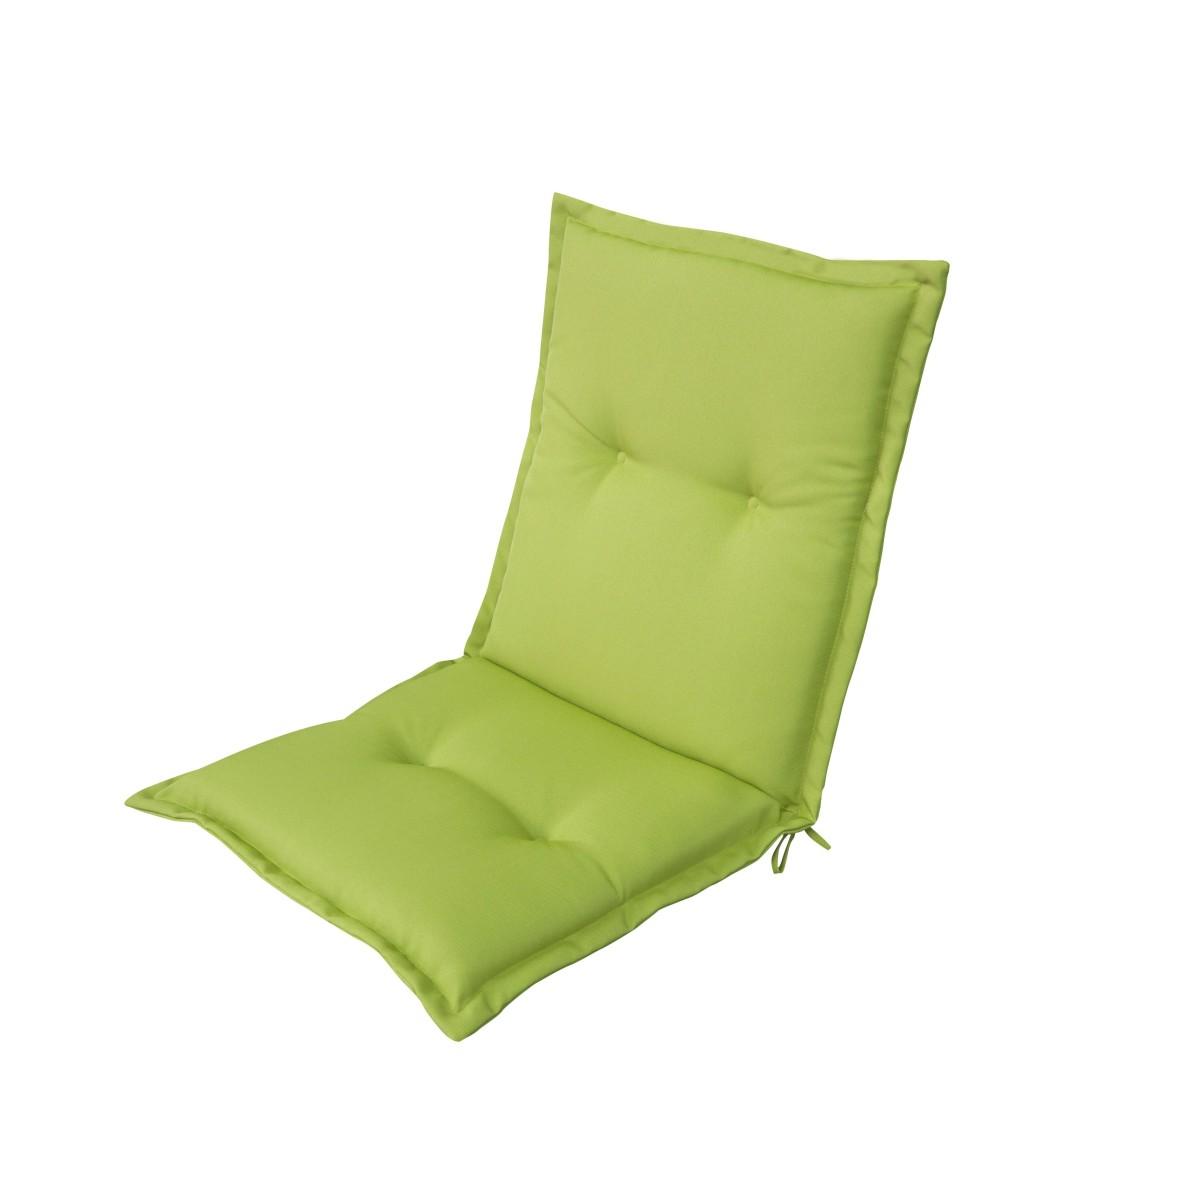 Подушка для стула зеленая 92х48х5 см полиэстер